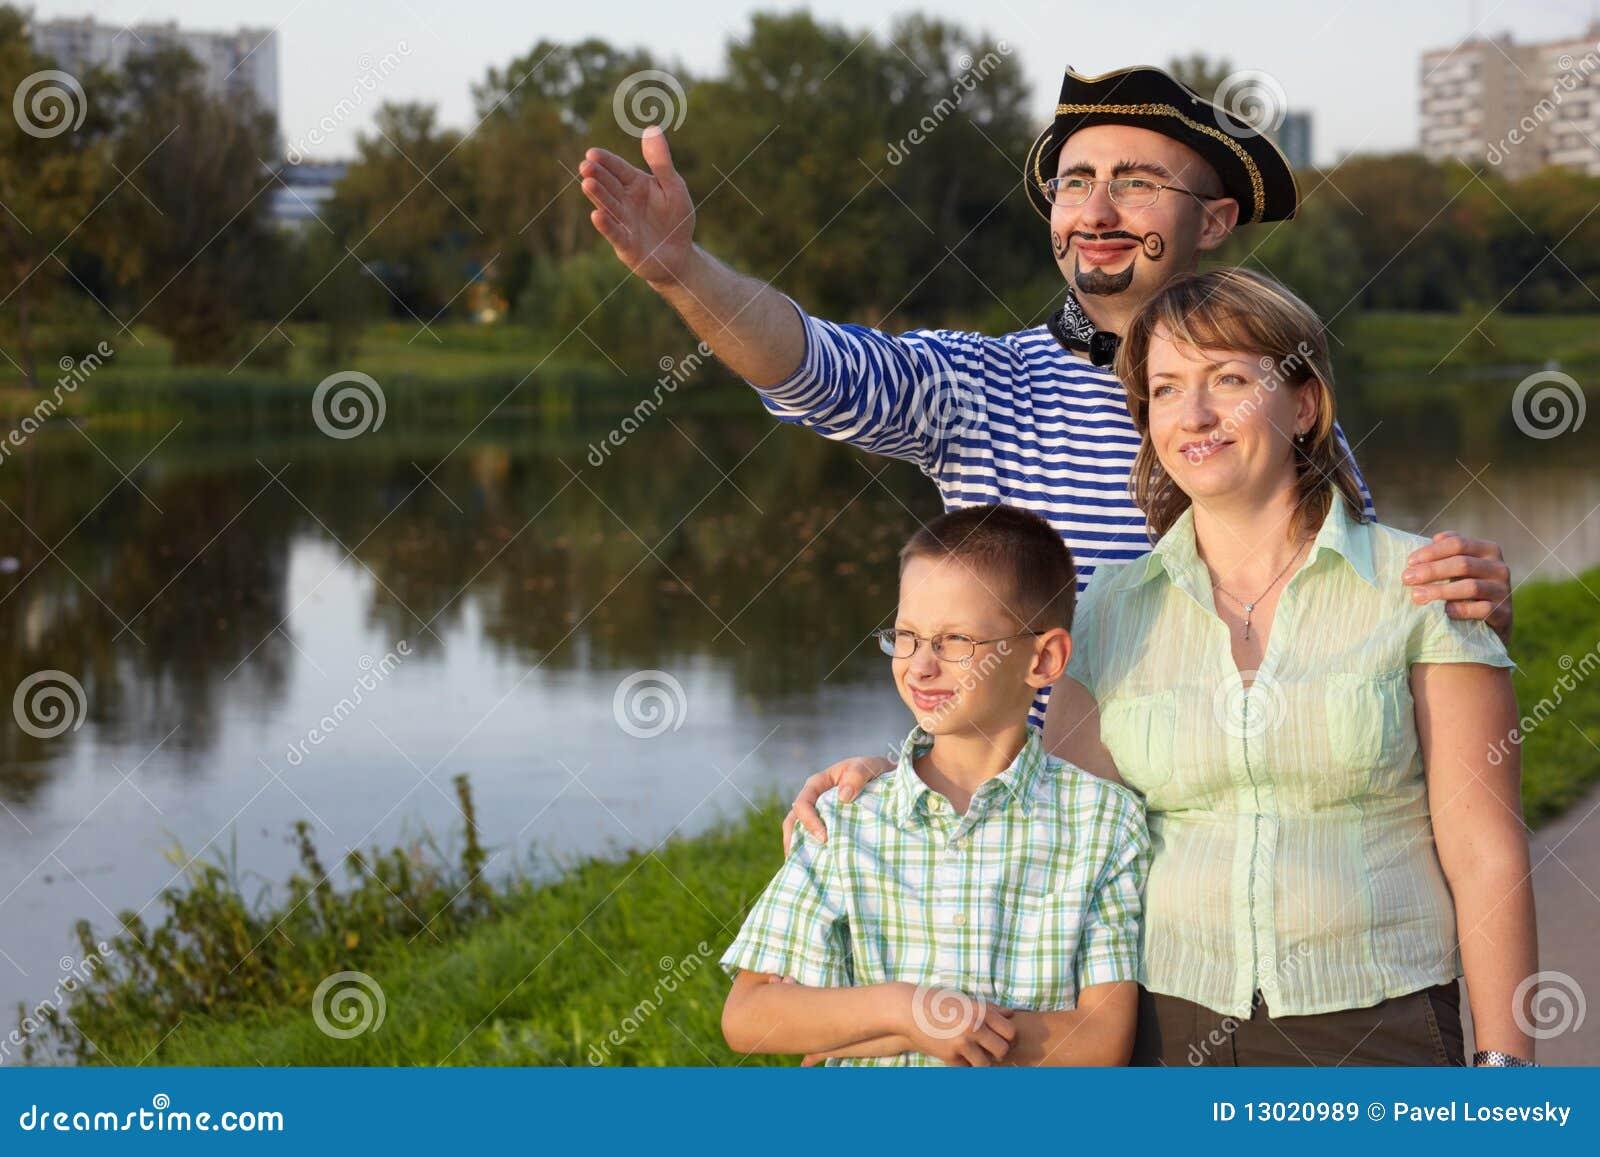 Famille en stationnement près d étang : homme dans le procès de pirat